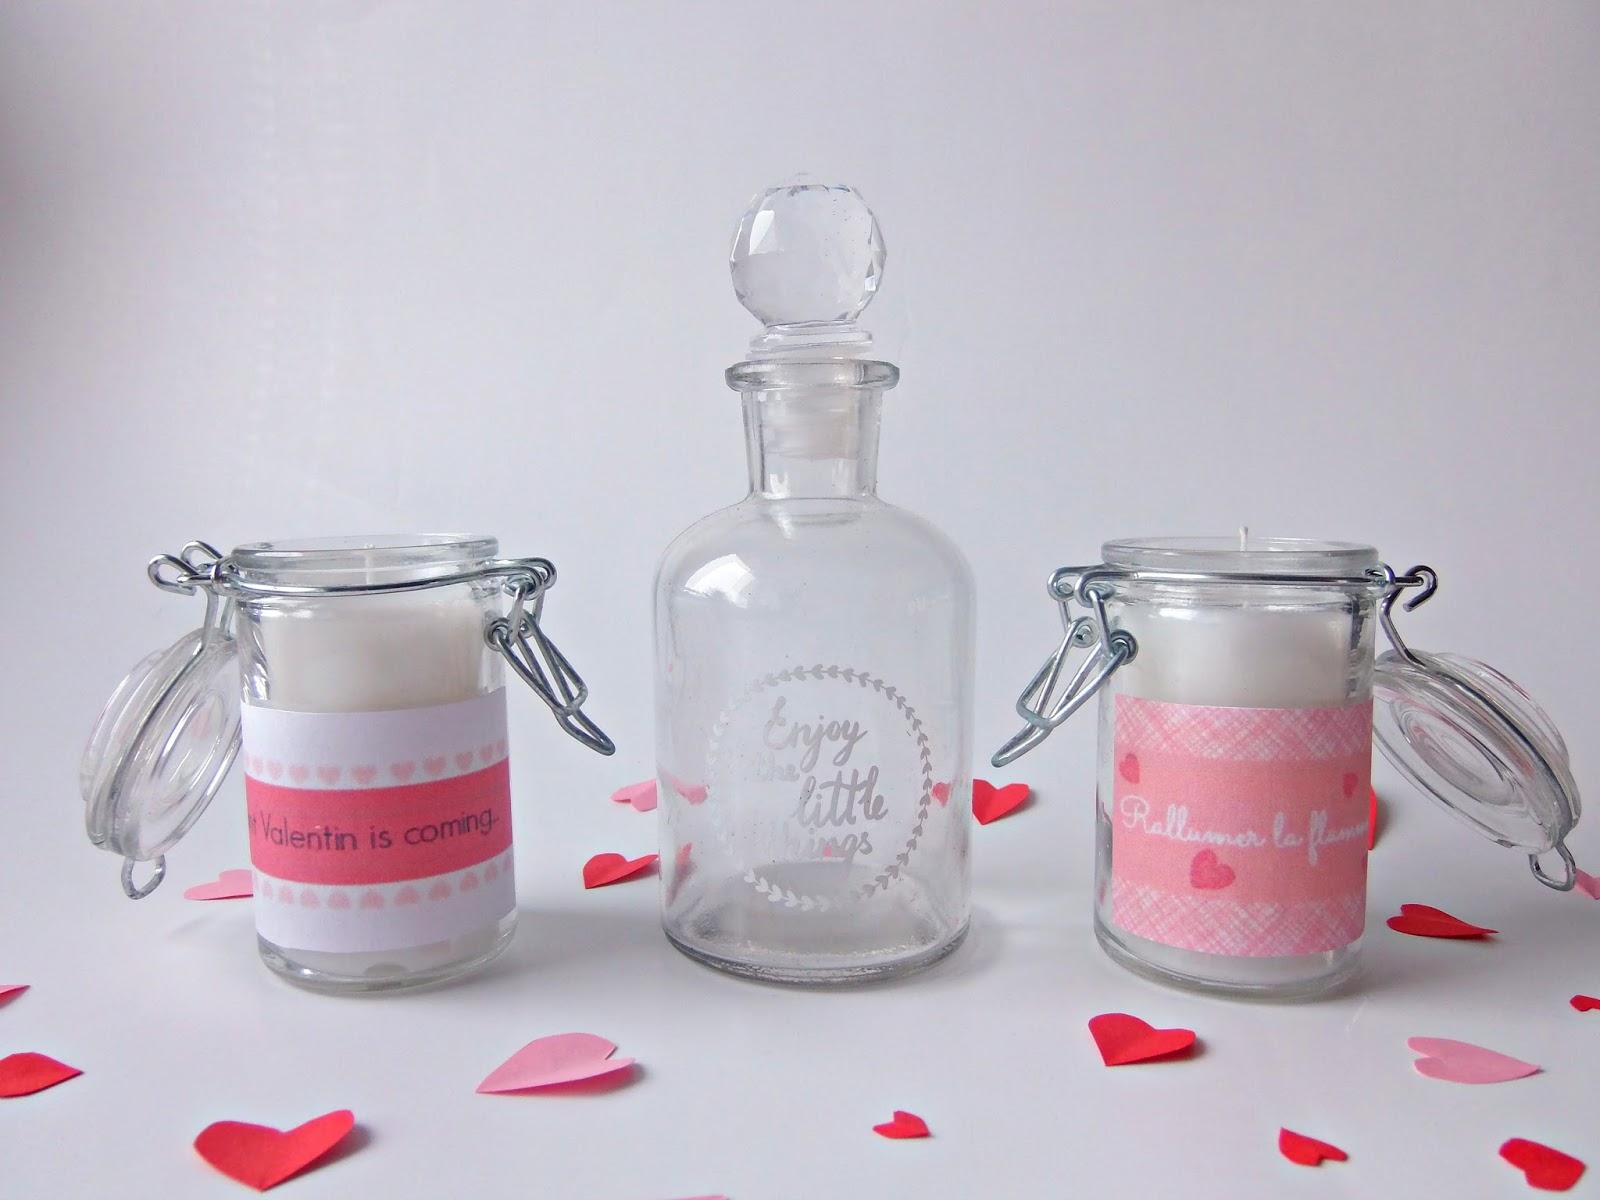 des bougies parfum es fait maison saint valentin truc tricks. Black Bedroom Furniture Sets. Home Design Ideas